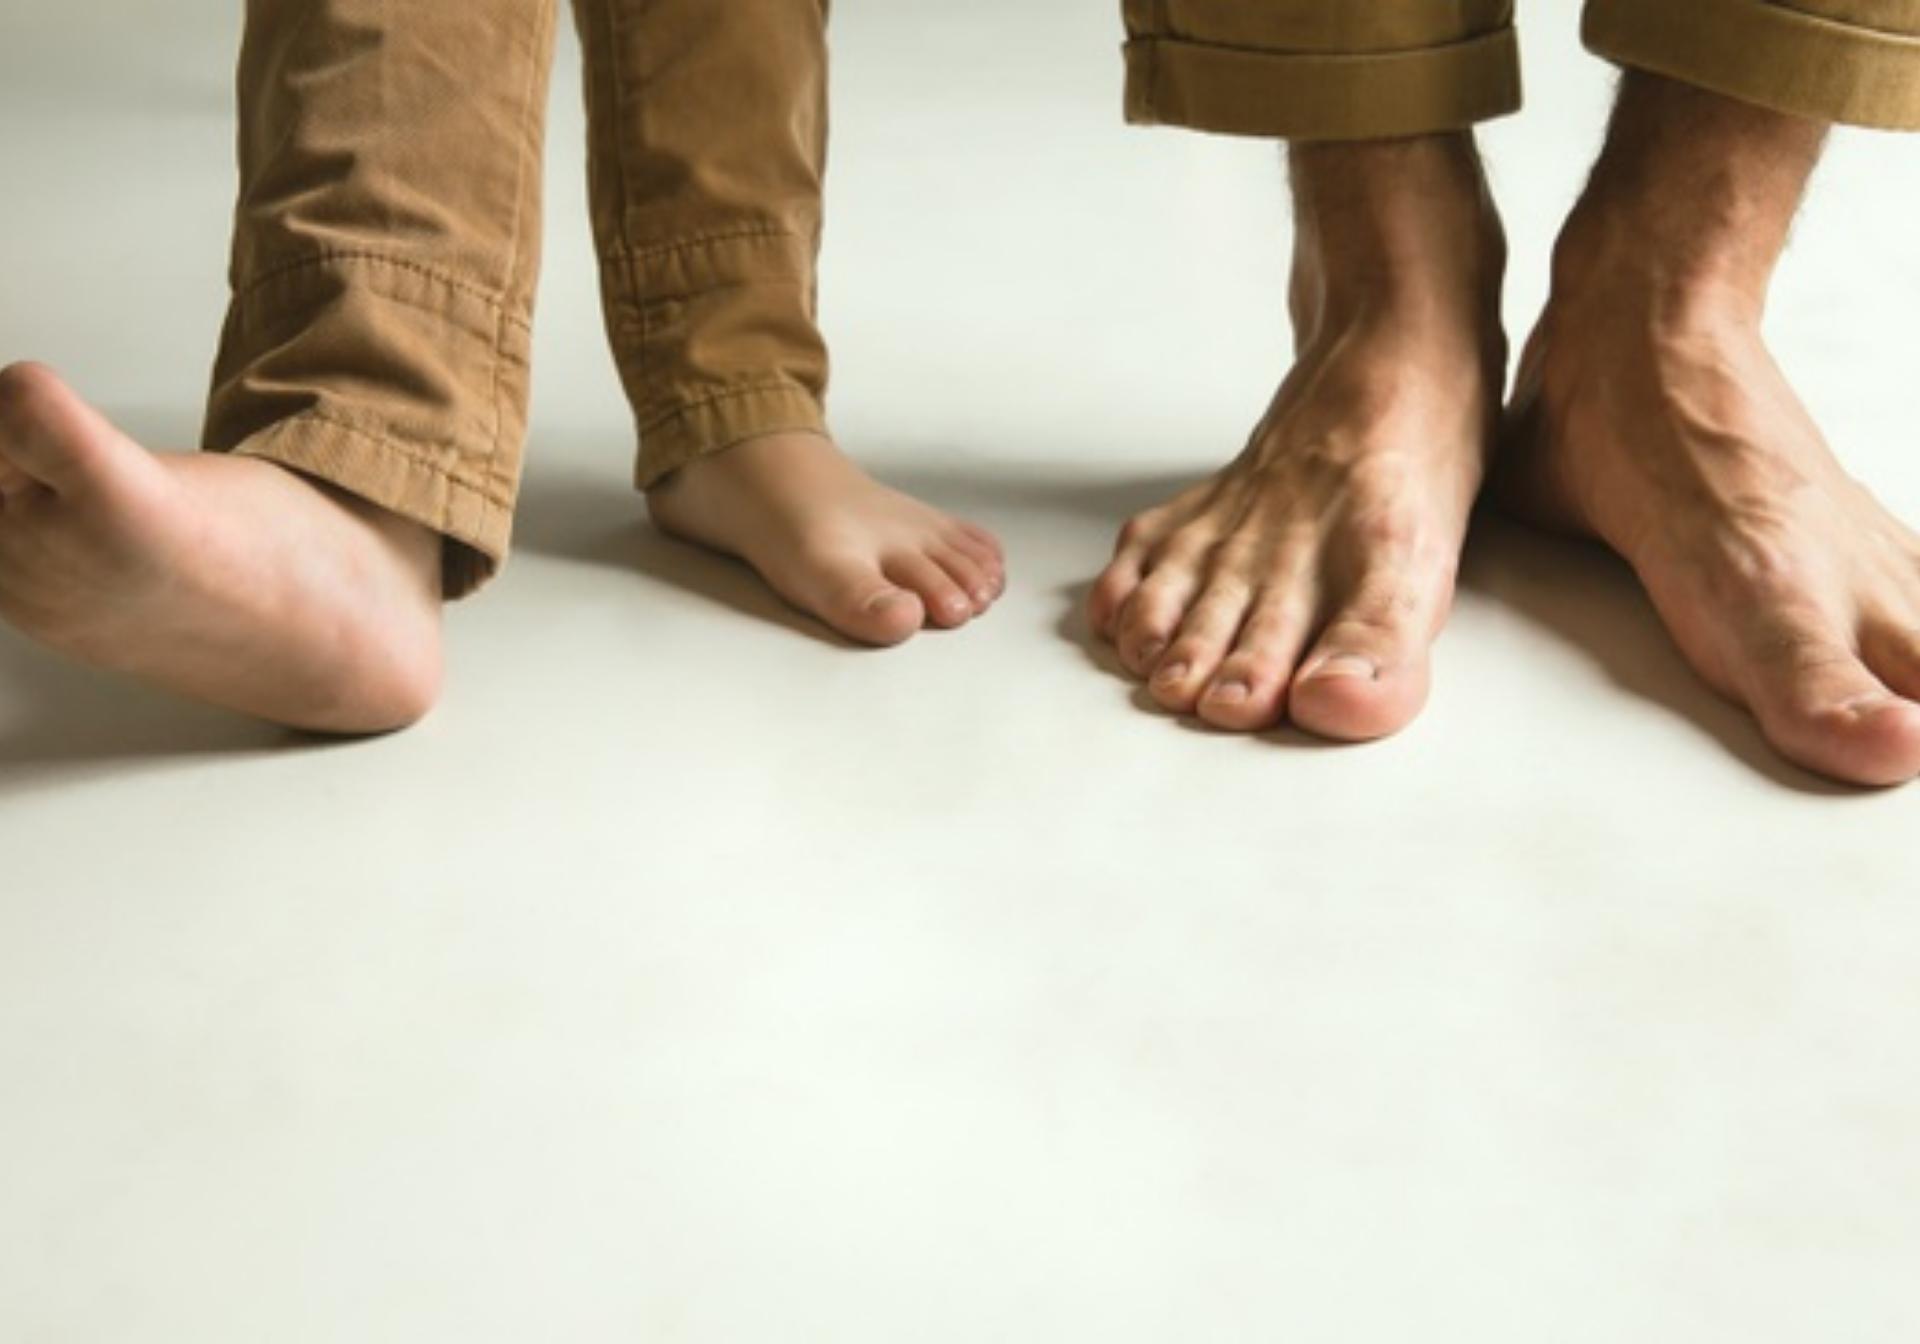 beneficios de caminar descalzado